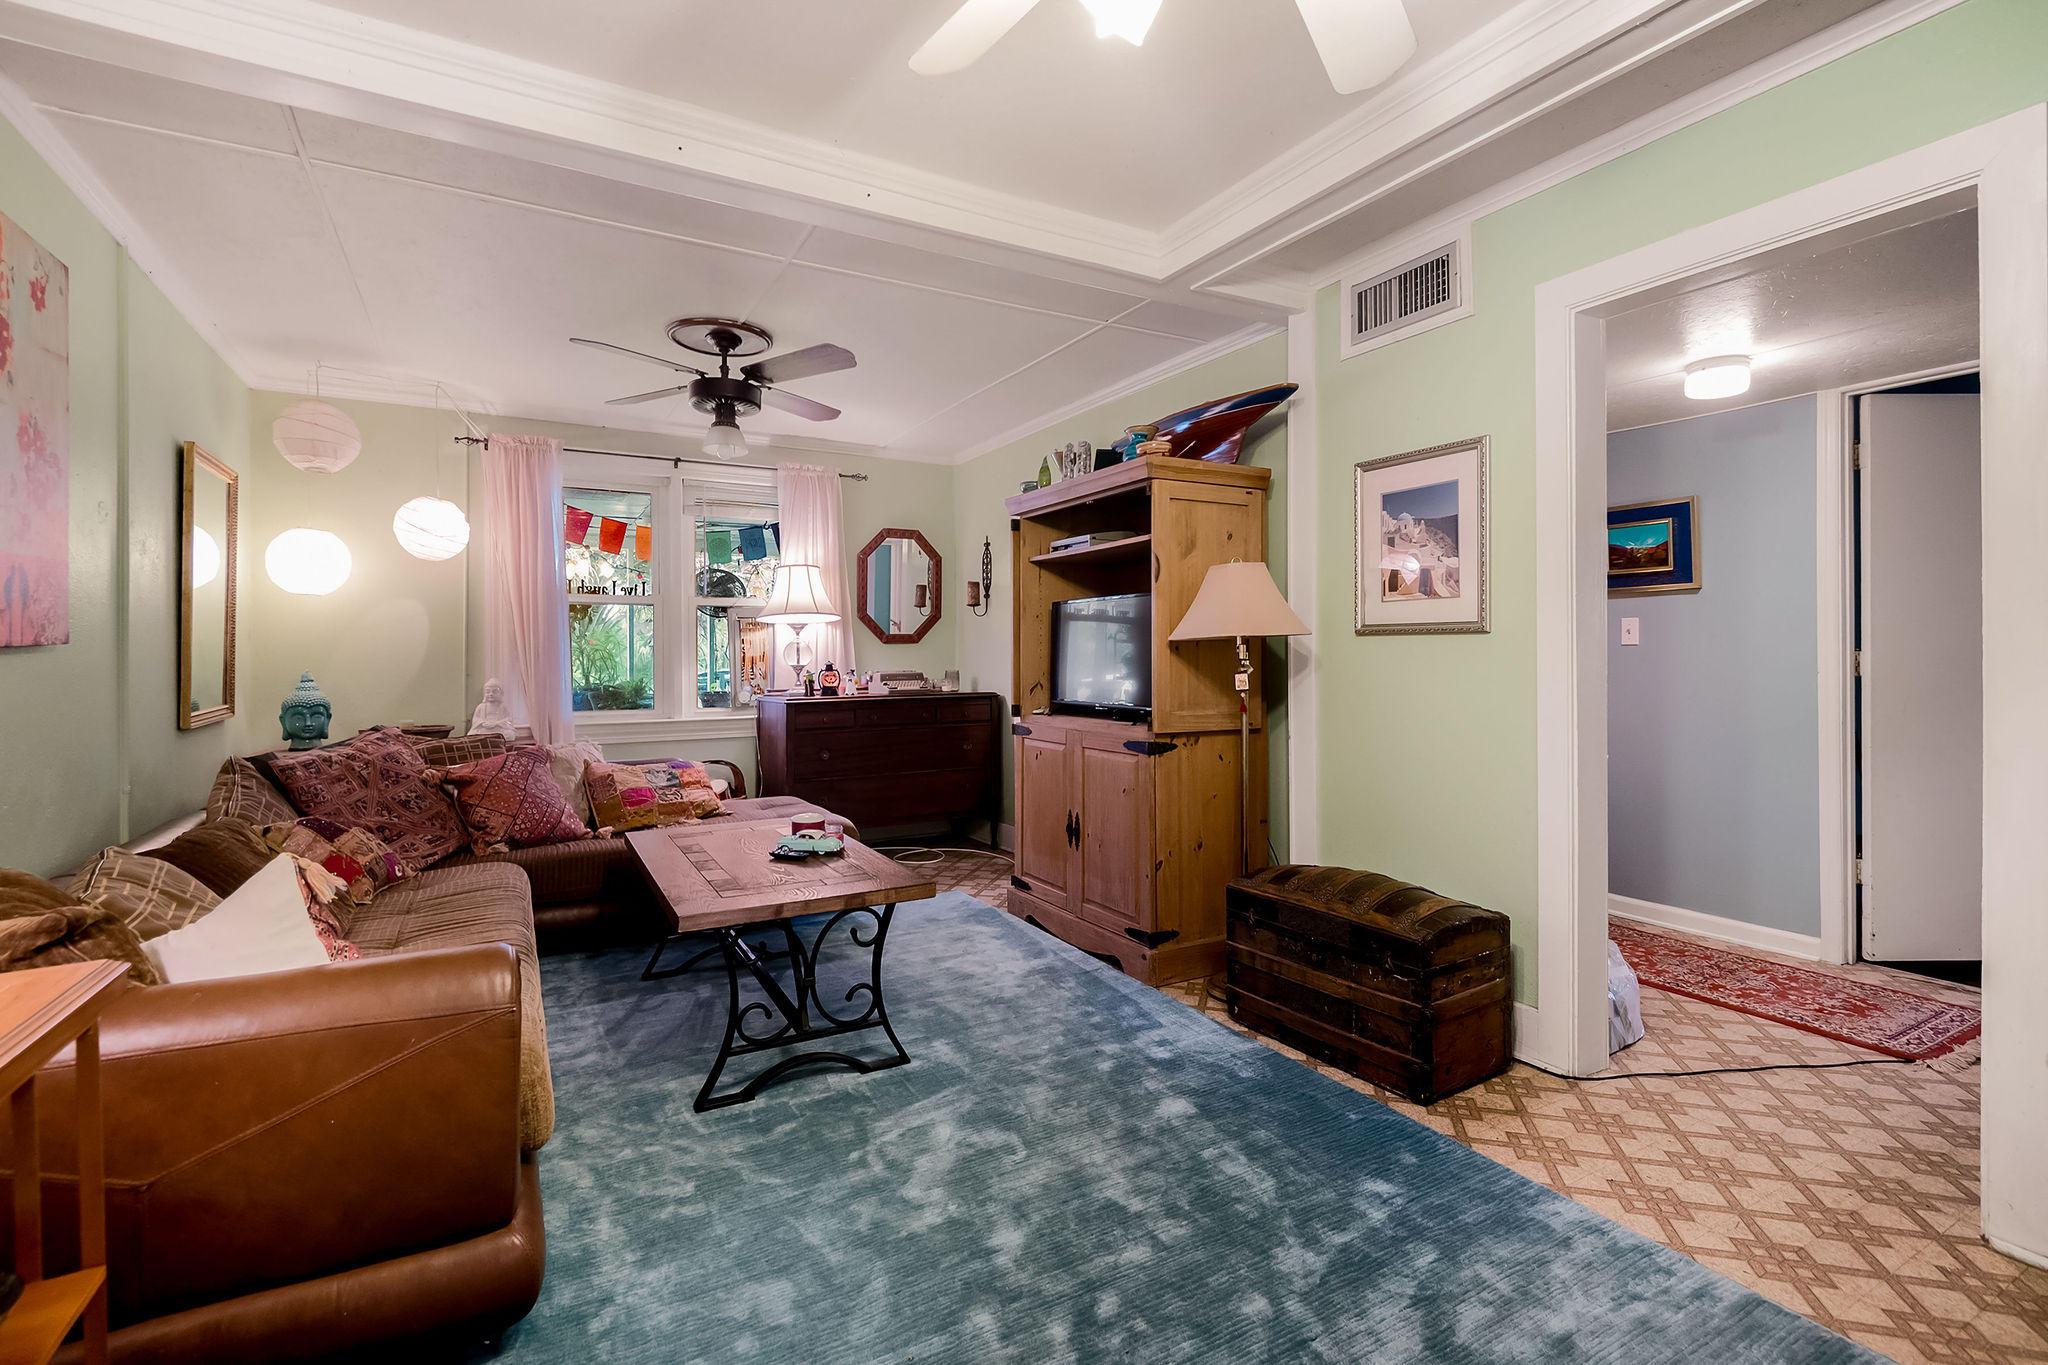 Folly Beach Homes For Sale - 504 Ashley, Folly Beach, SC - 17